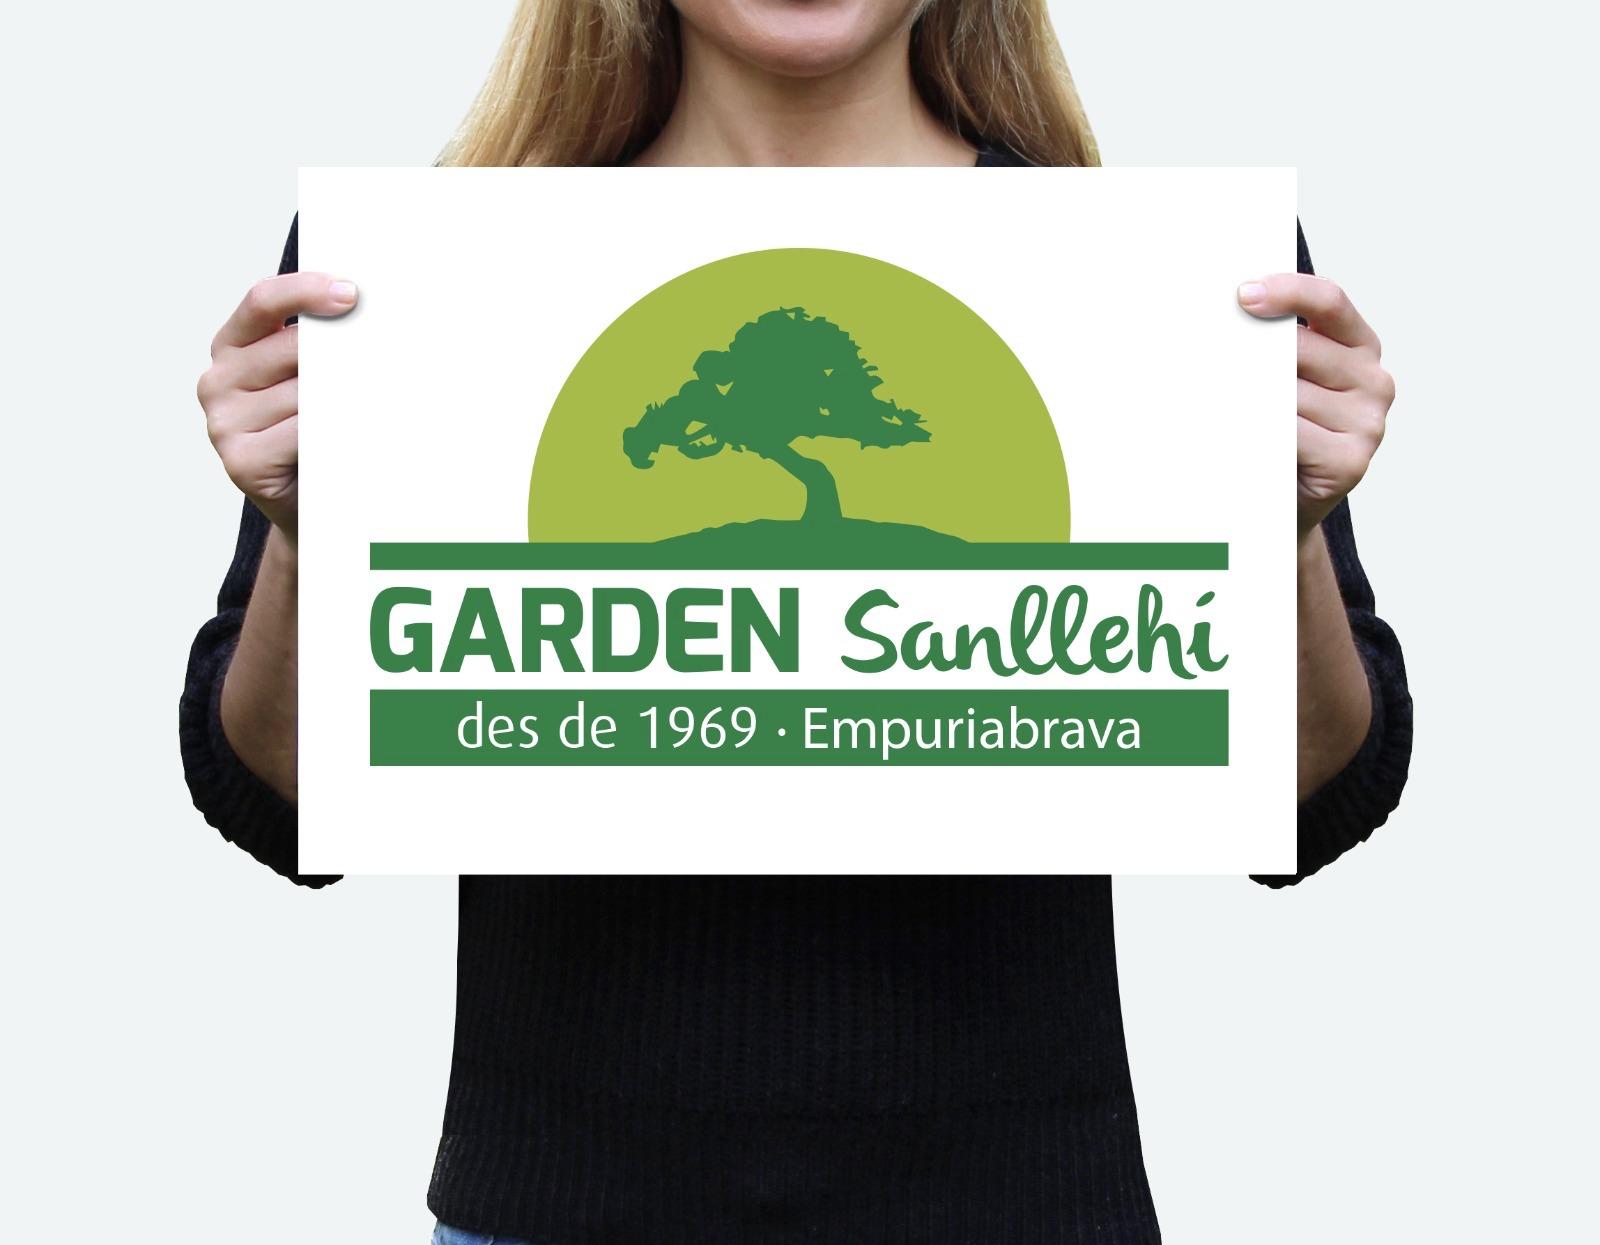 GARDENSANLLEHI2 - GARDENSANLLEHI2